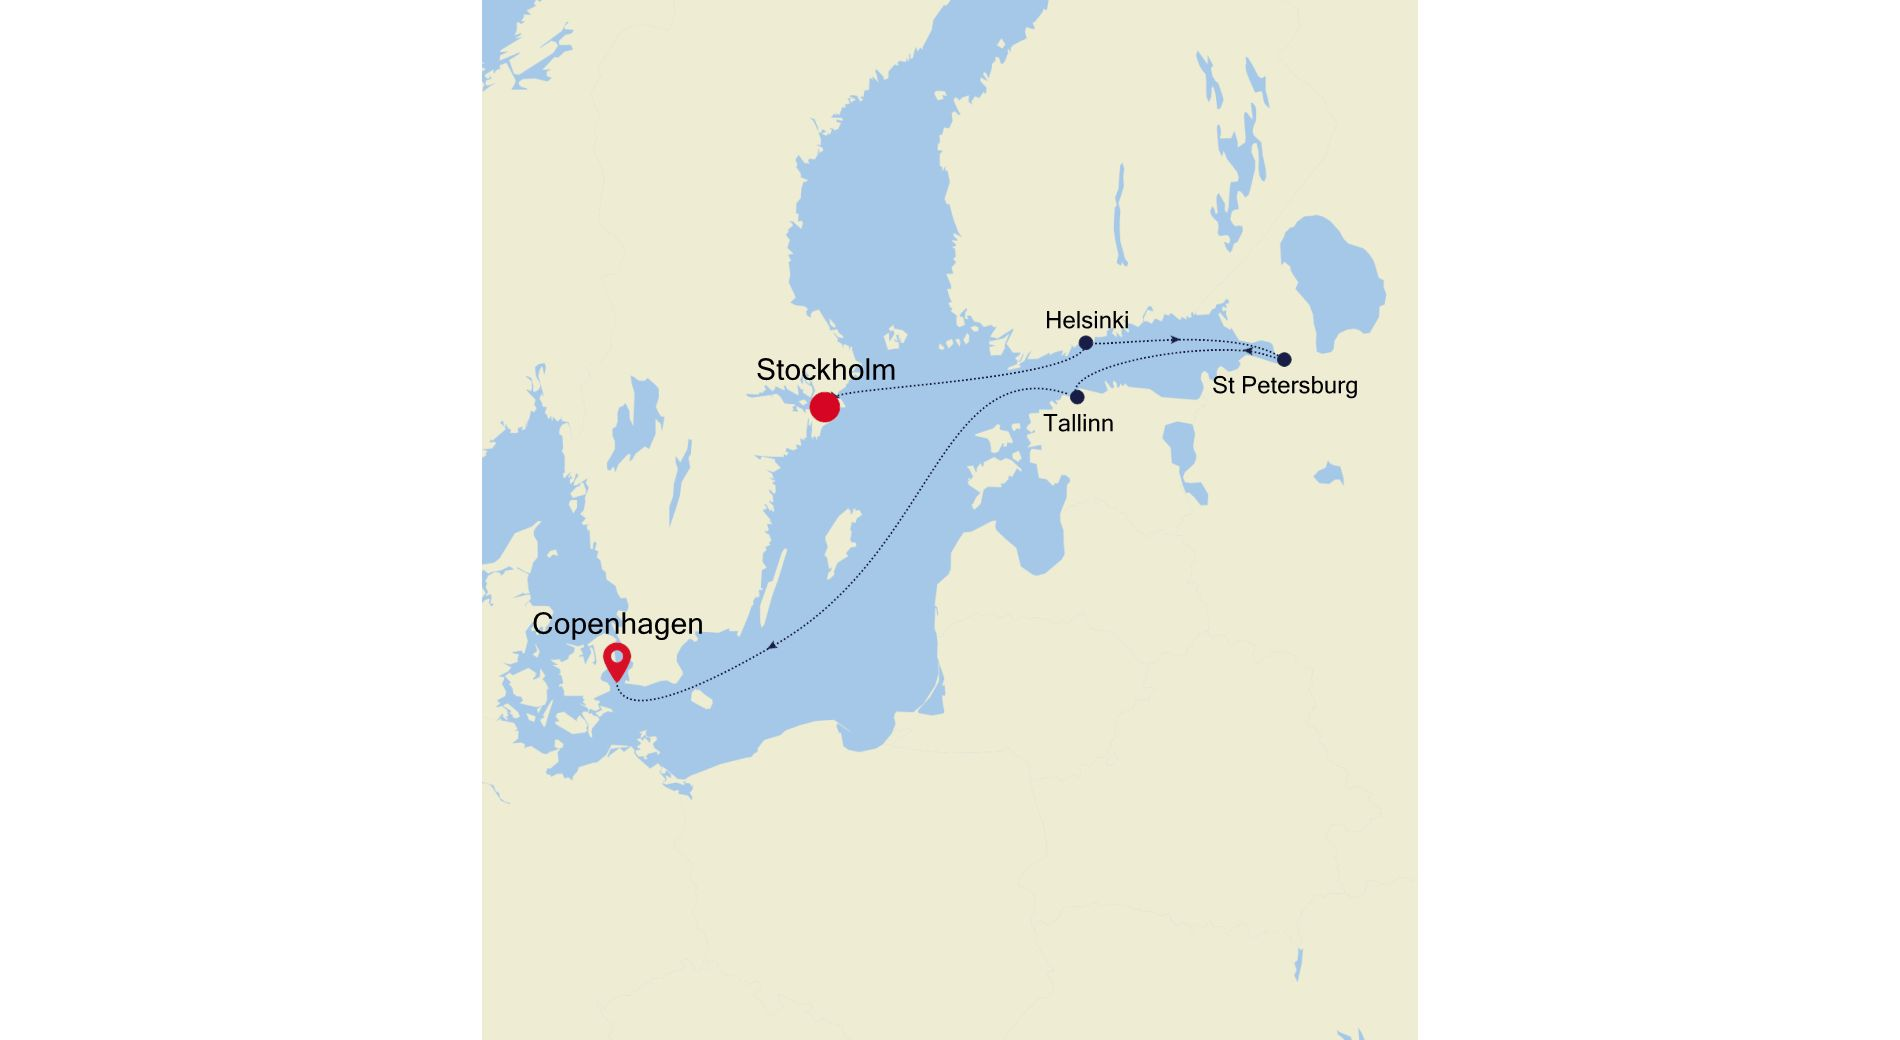 SL210723007 - Stockholm nach Copenhagen